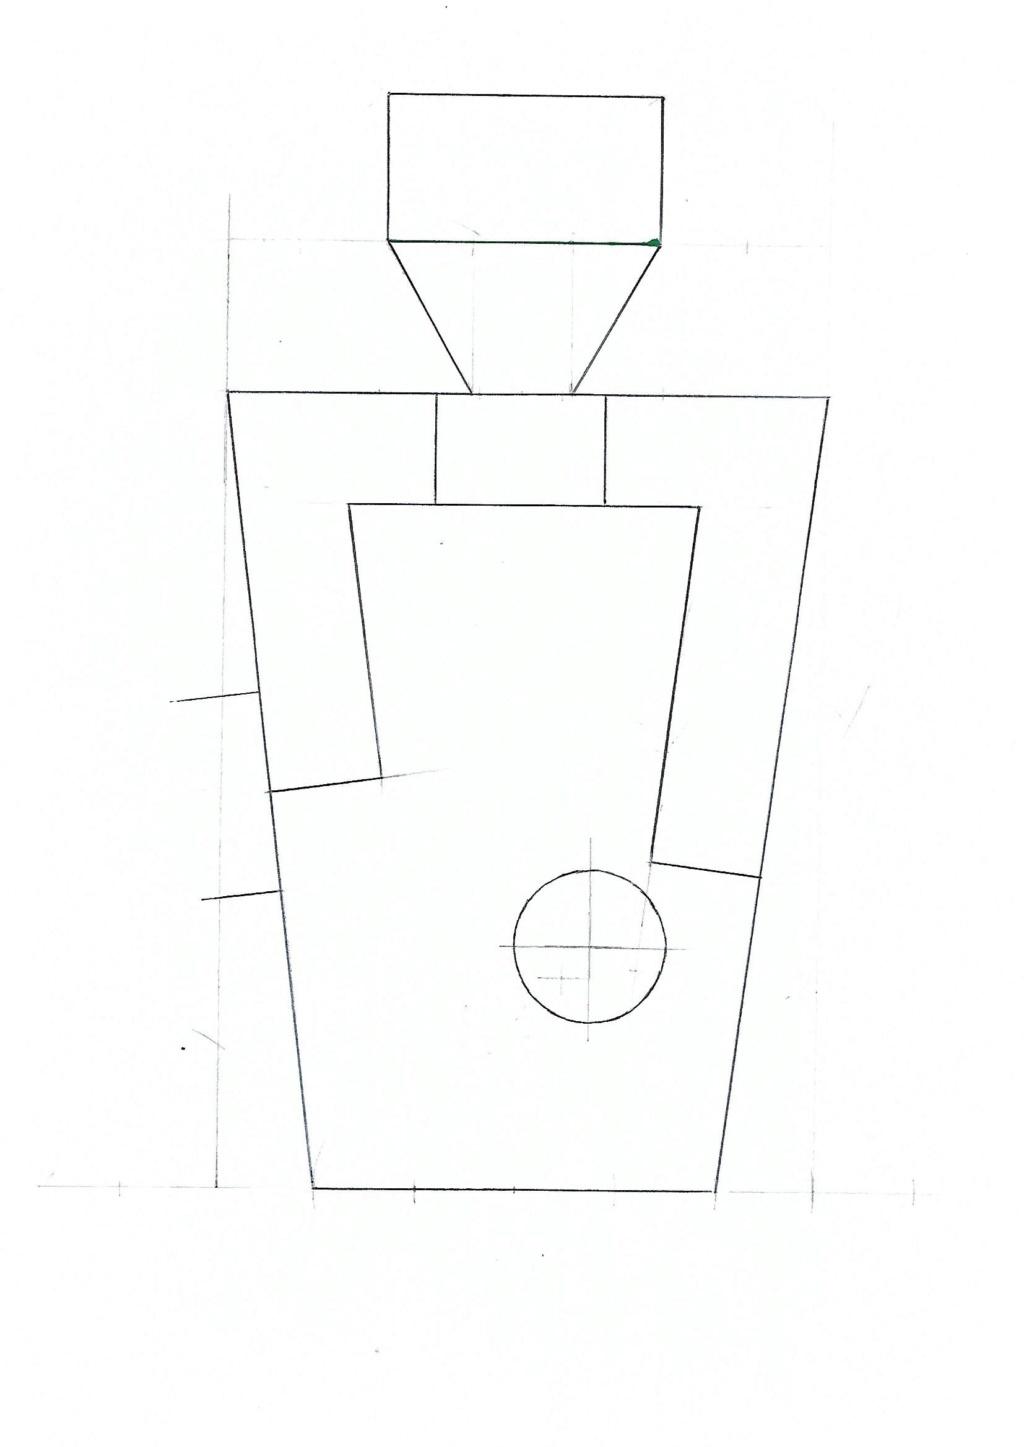 Débat ÉPREUVES ET AVENTURES (Nouvelles idées, Modifications...) - Fort Boyard 2020 - Page 2 Chambr10